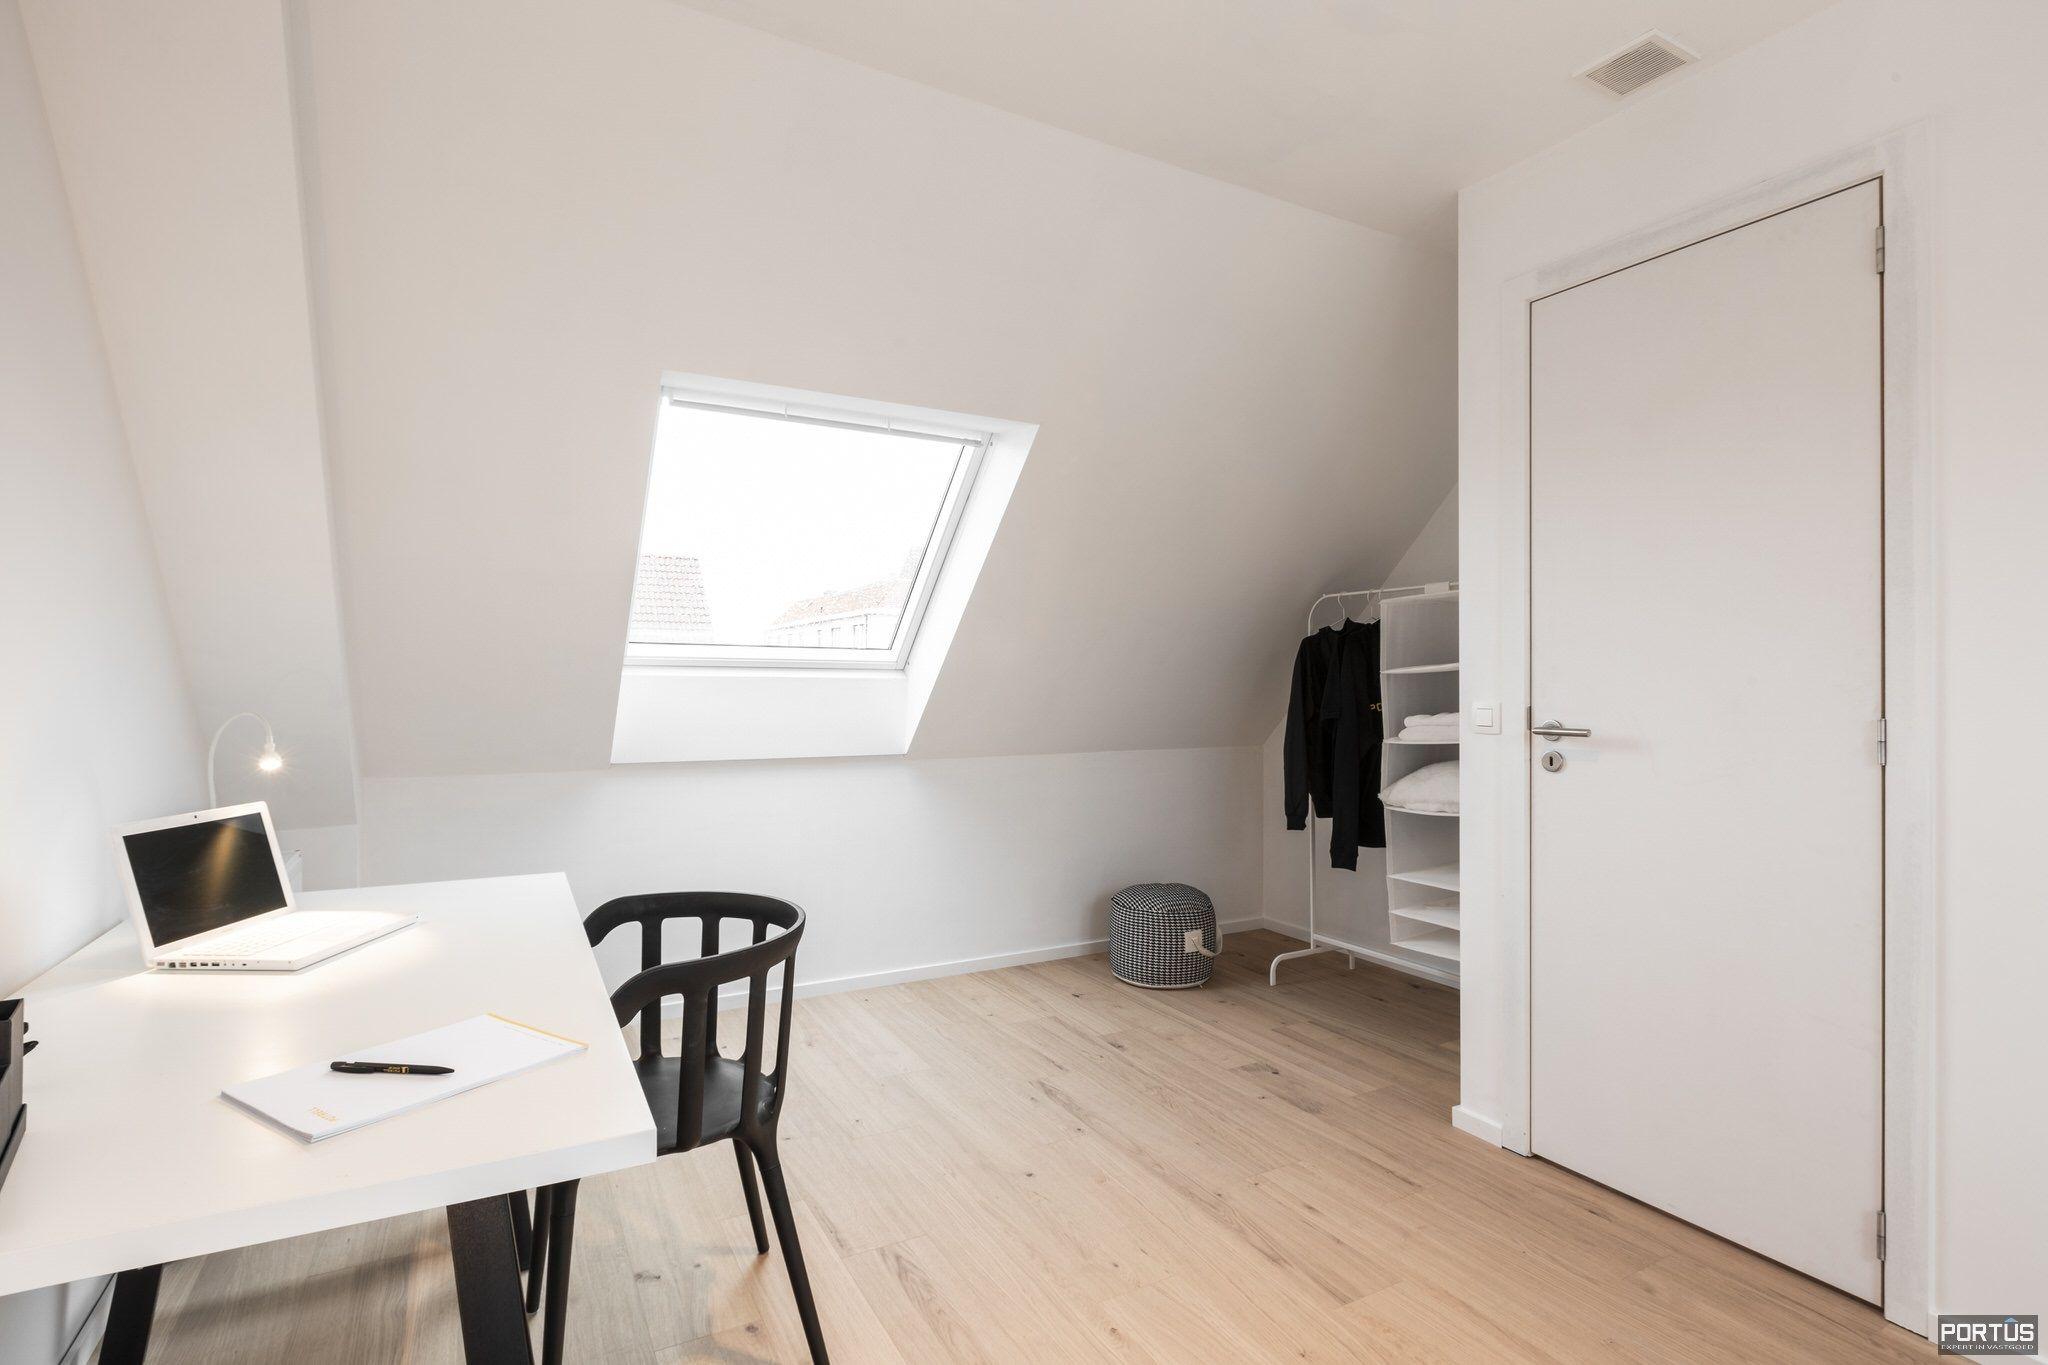 Nieuwbouwwoning met 4 slaapkamers te koop te Lombardsijde - 11824